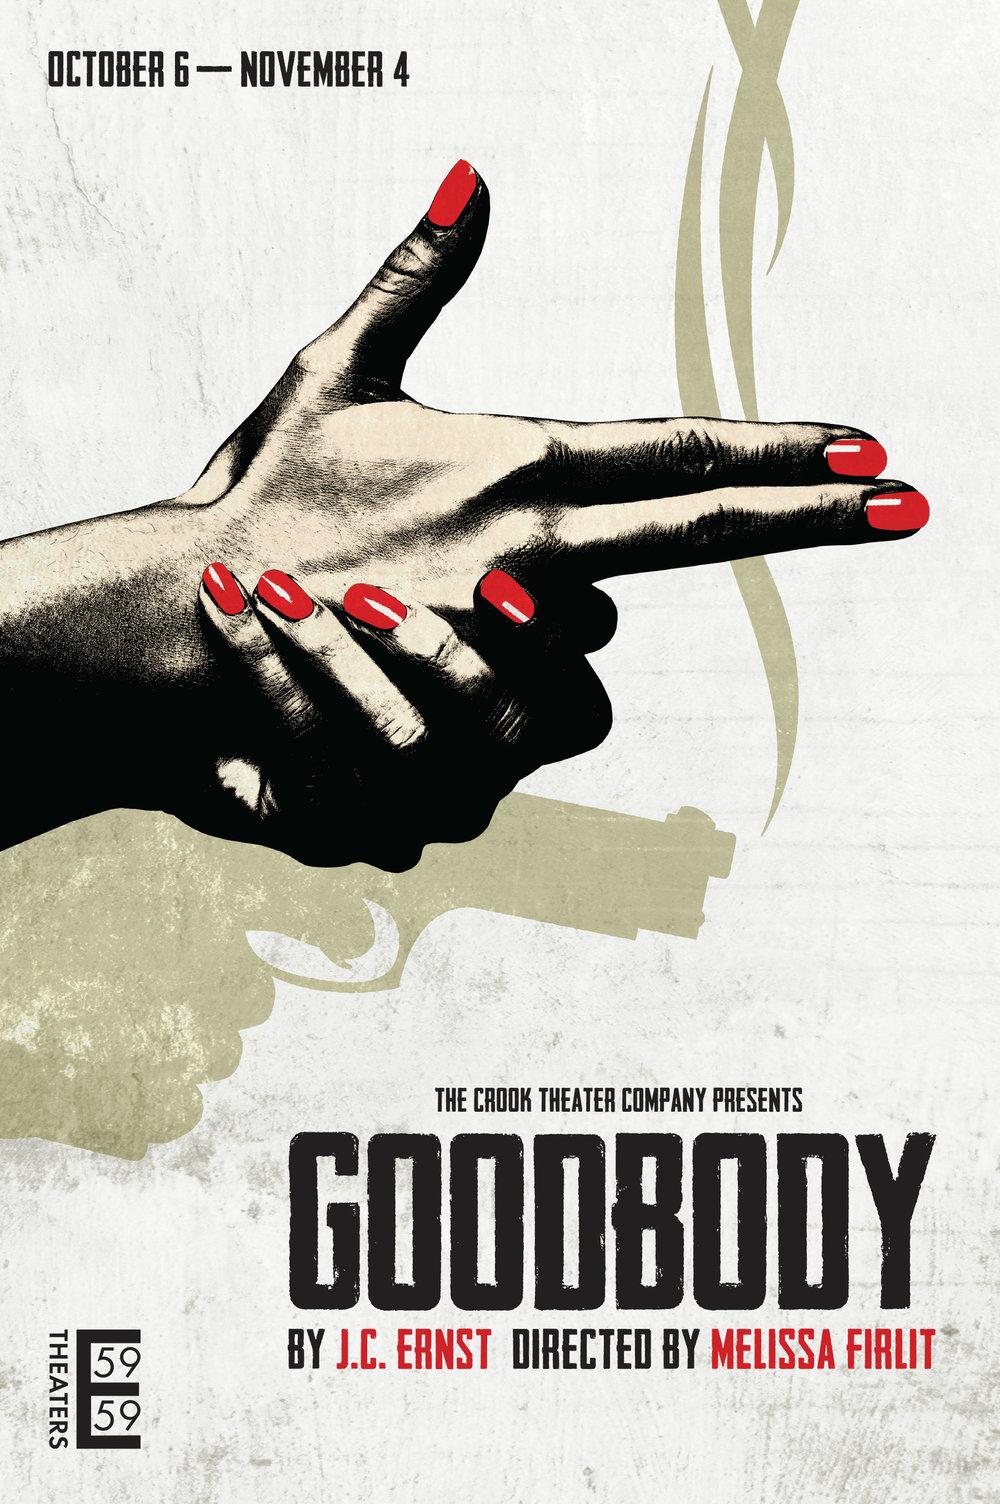 goodbody-poster.jpg